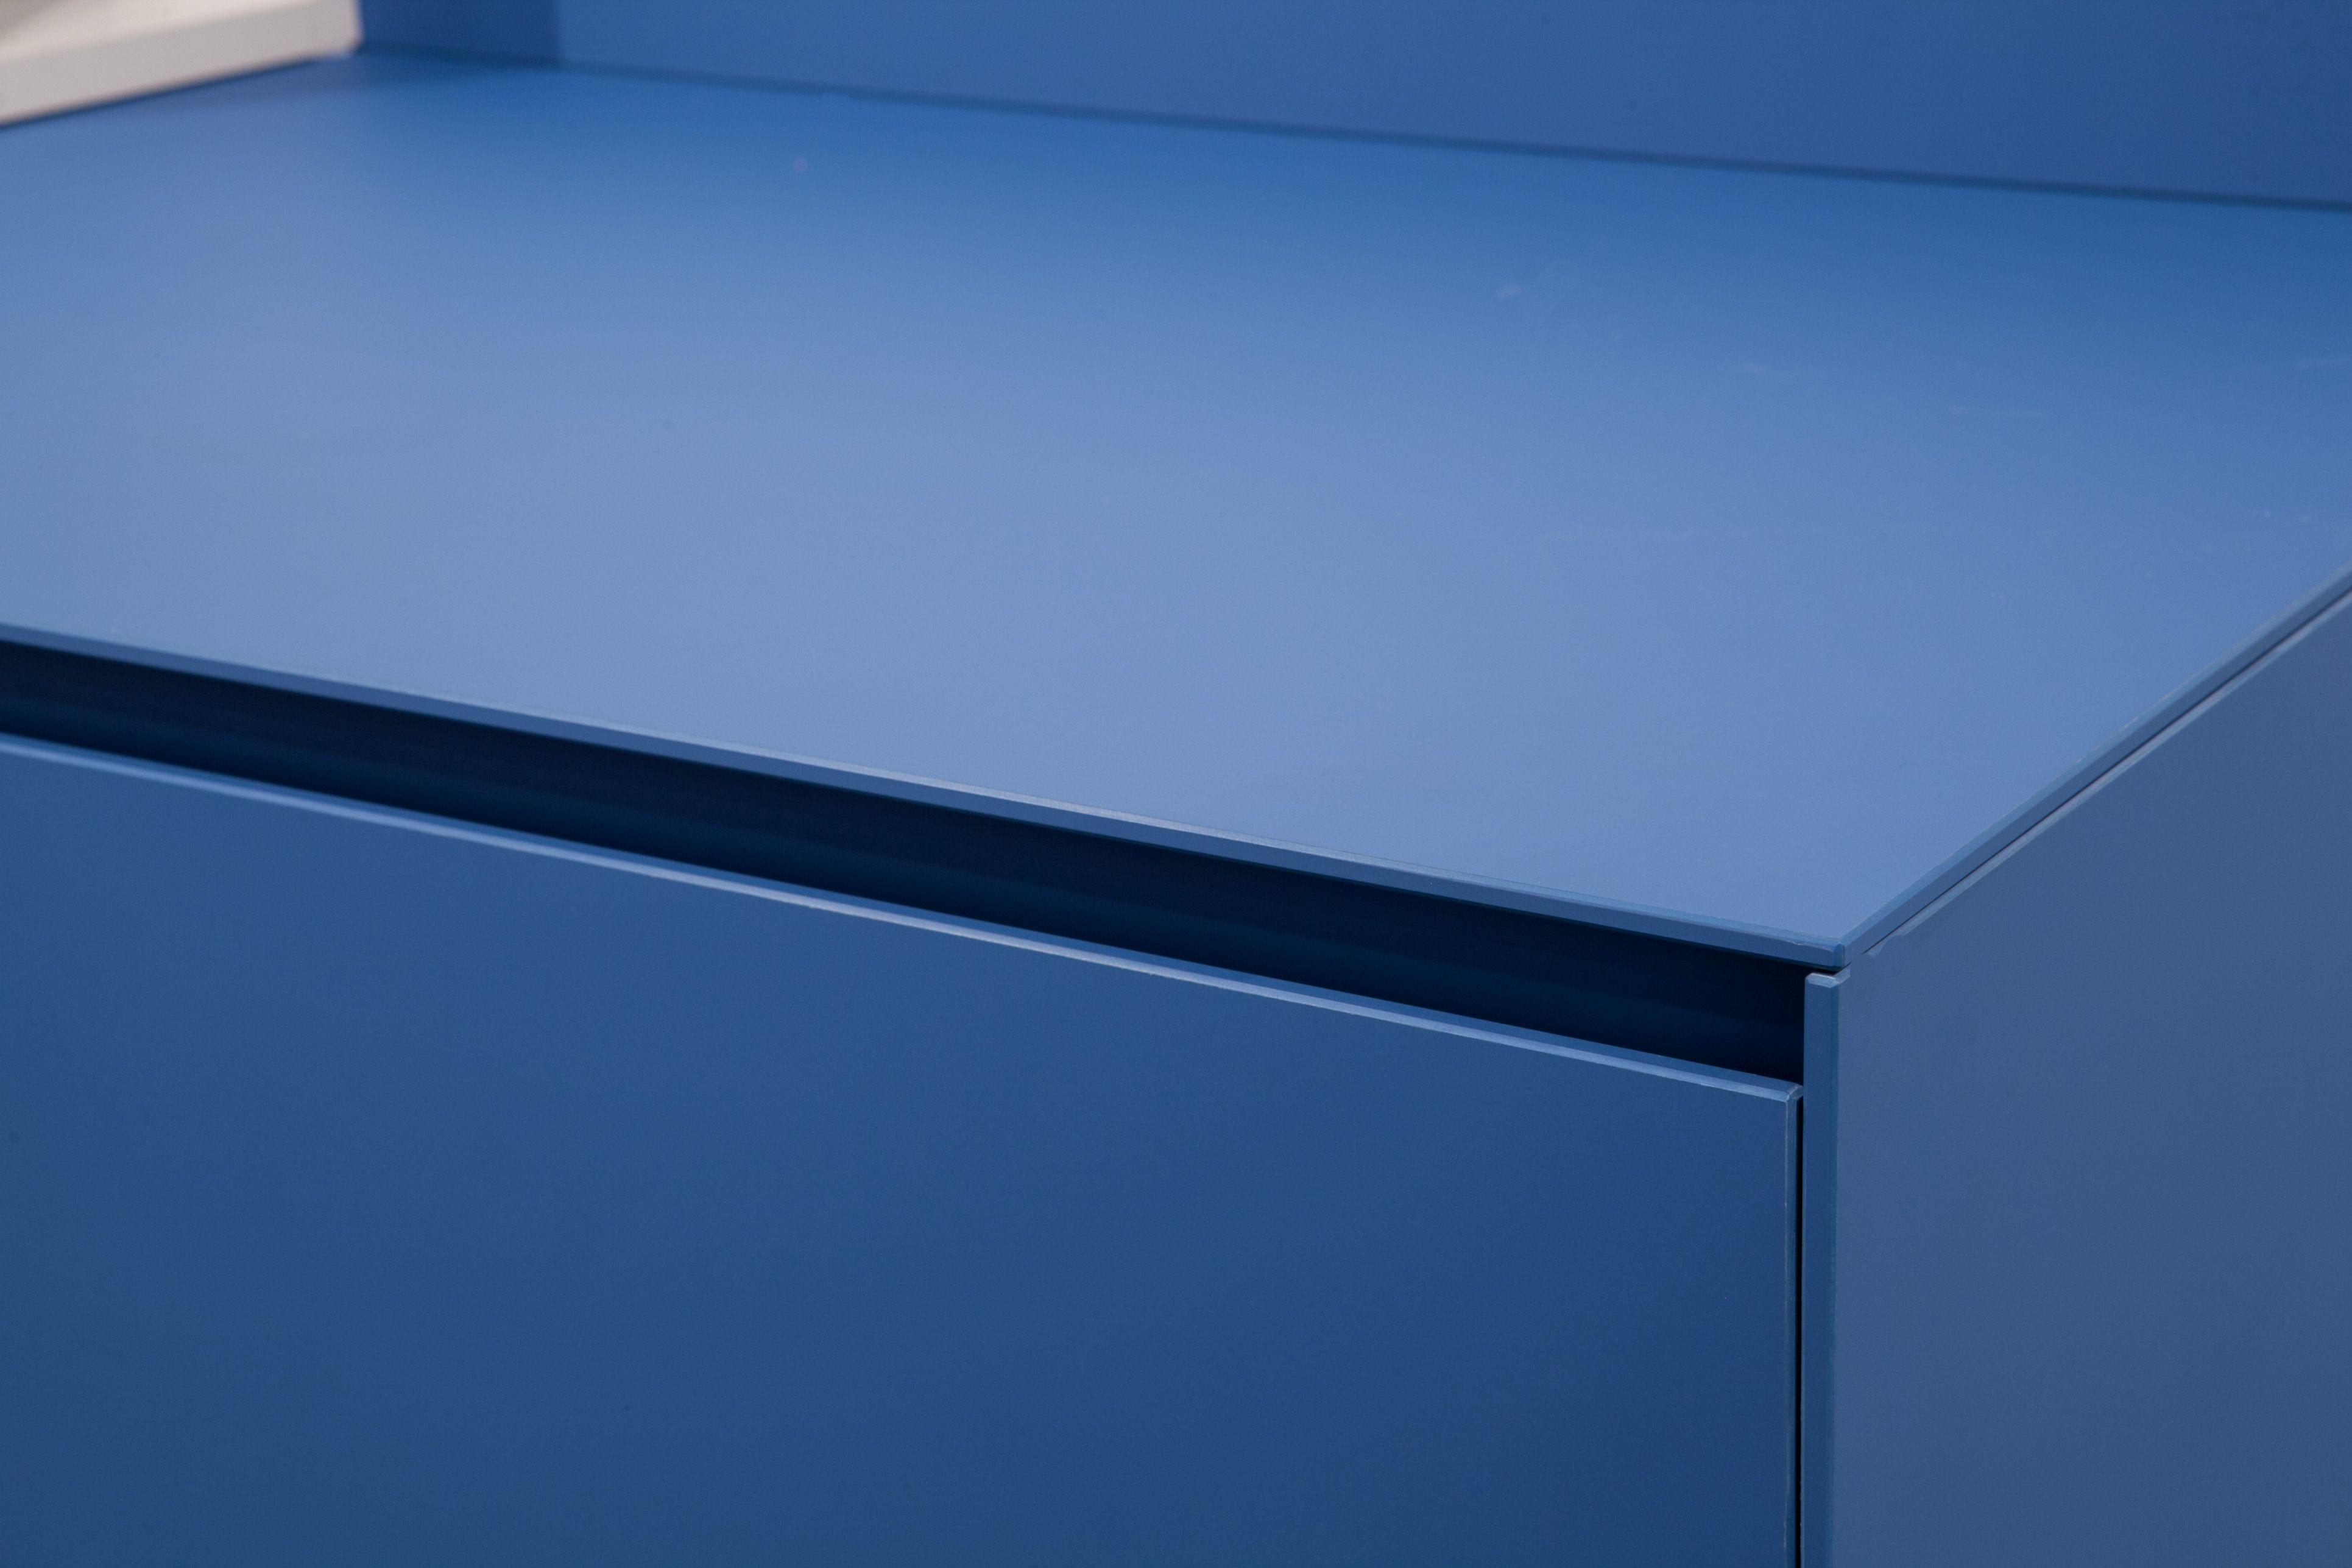 Fenix Ntm Blu Delft Super Matte Material Will Bring A